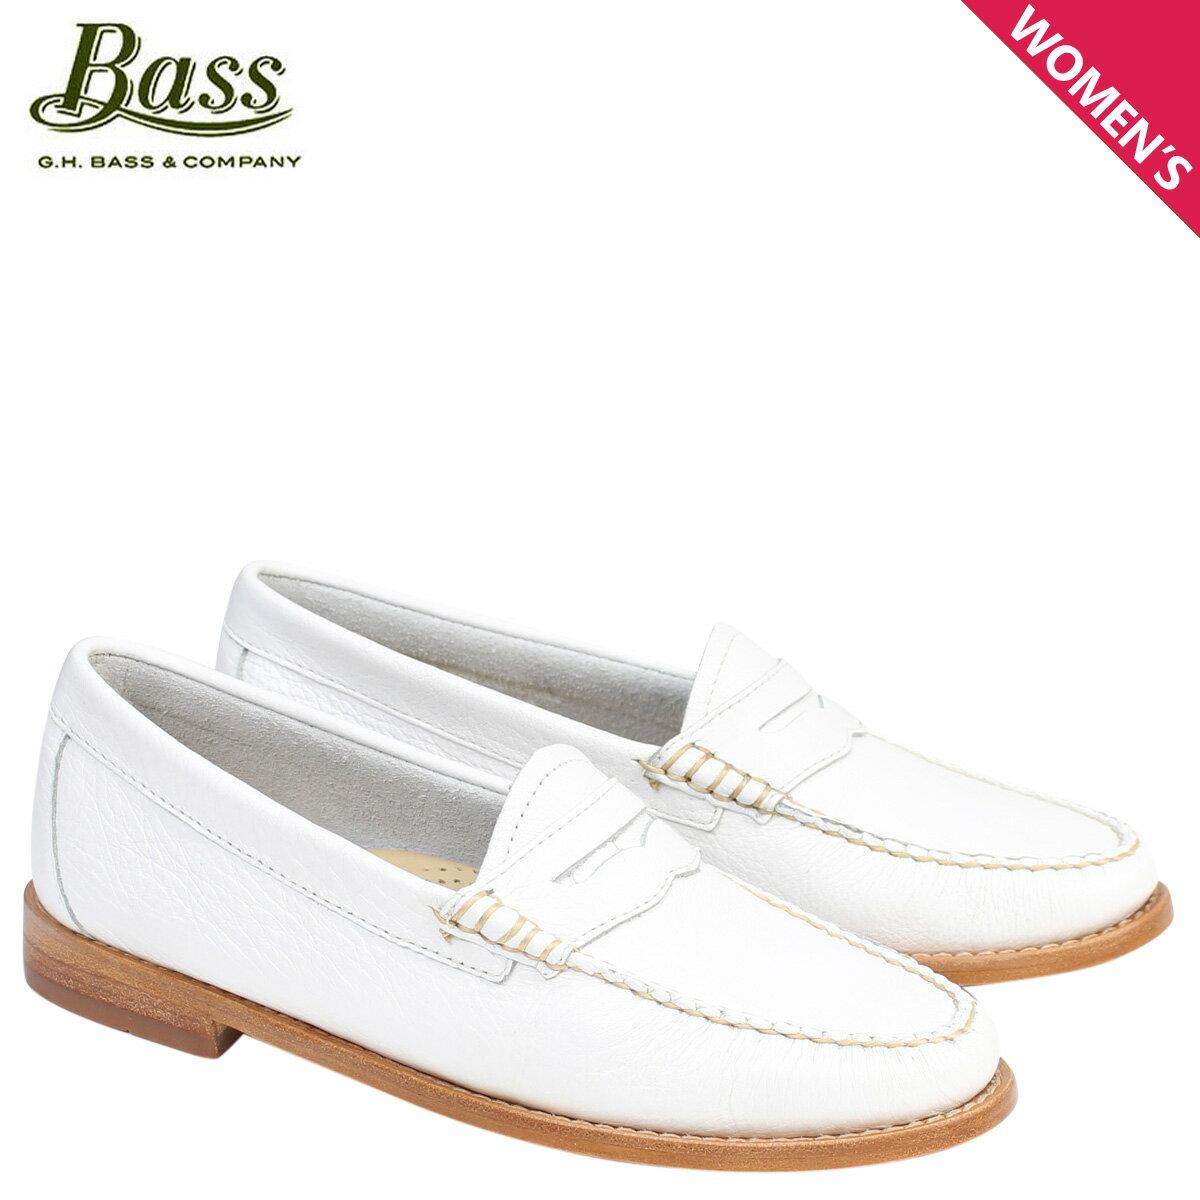 ジーエイチバス ローファー G.H. BASS レディース WHITNEY WEEJUNS 71-22830 靴 ホワイト [177]